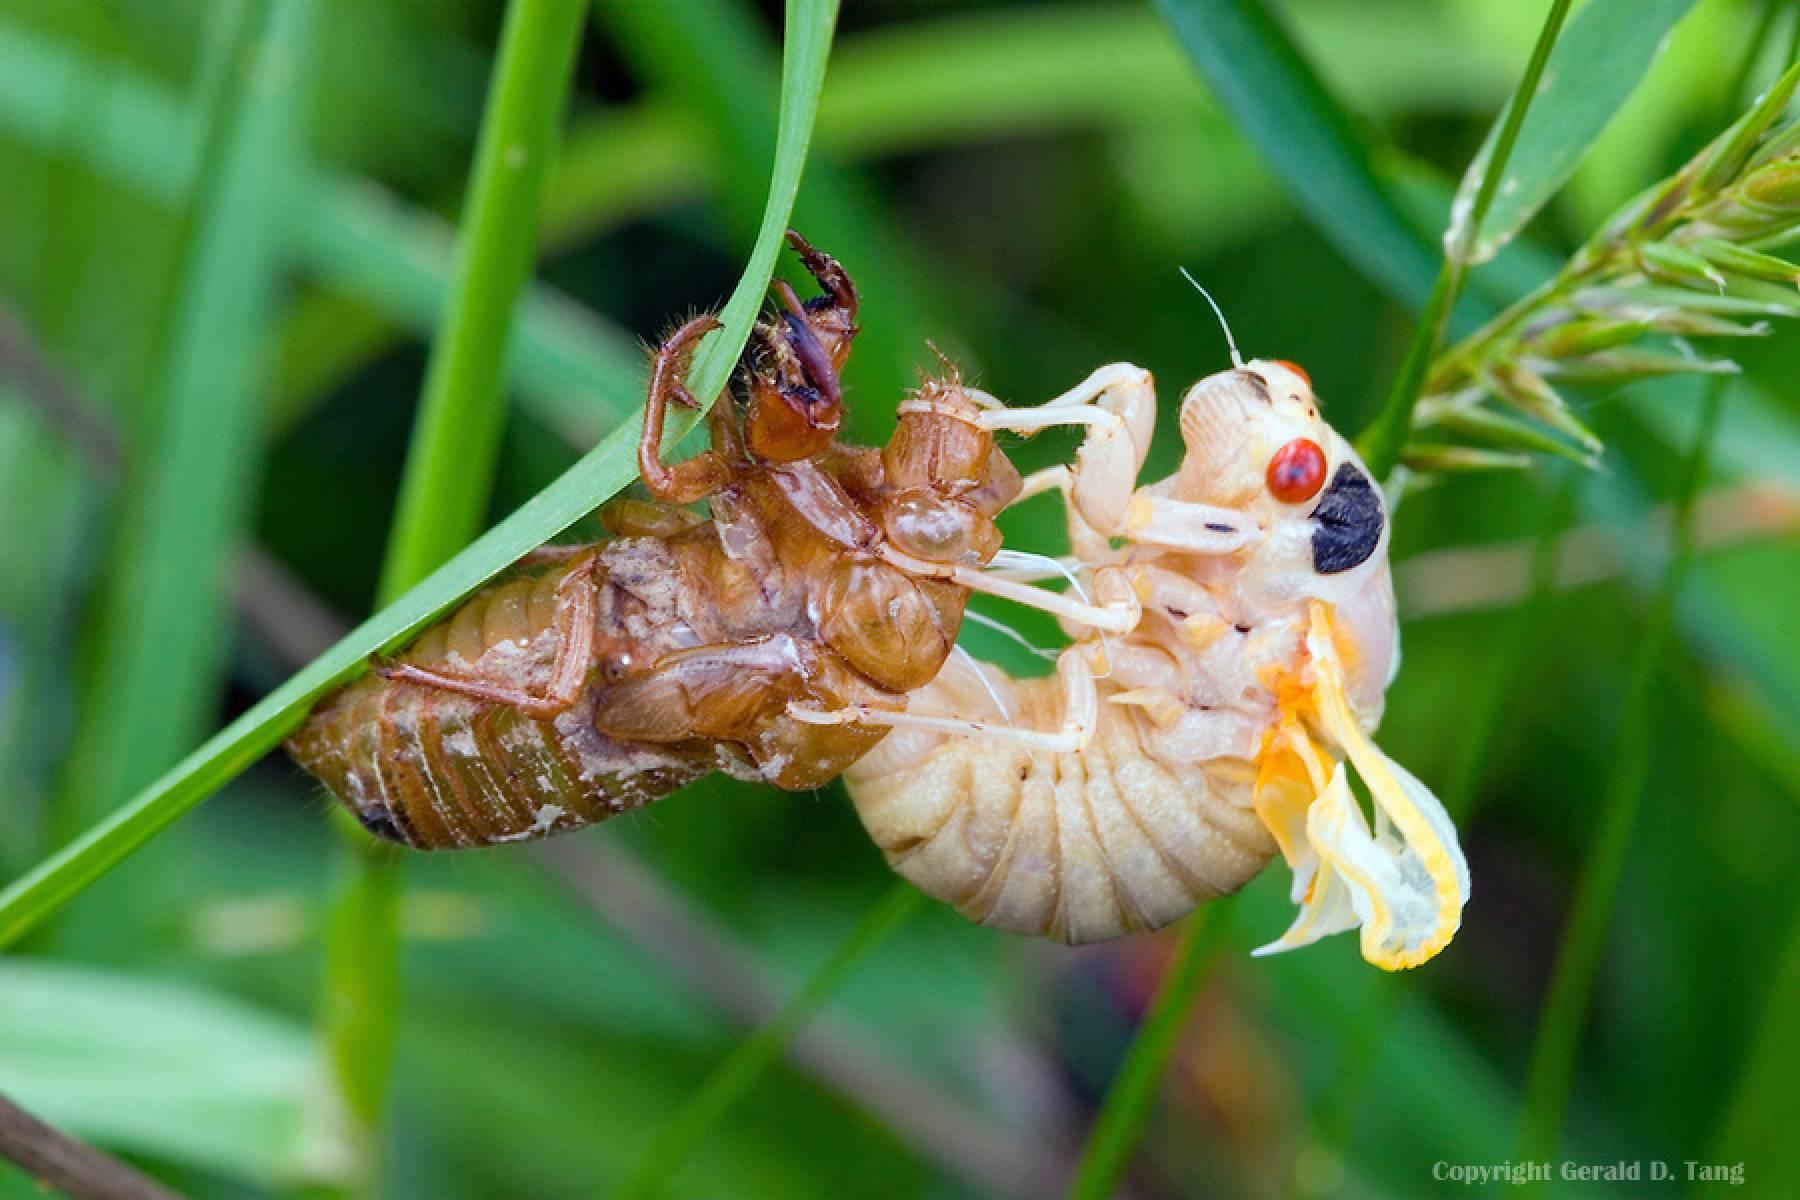 17 Year Cicada Hatch